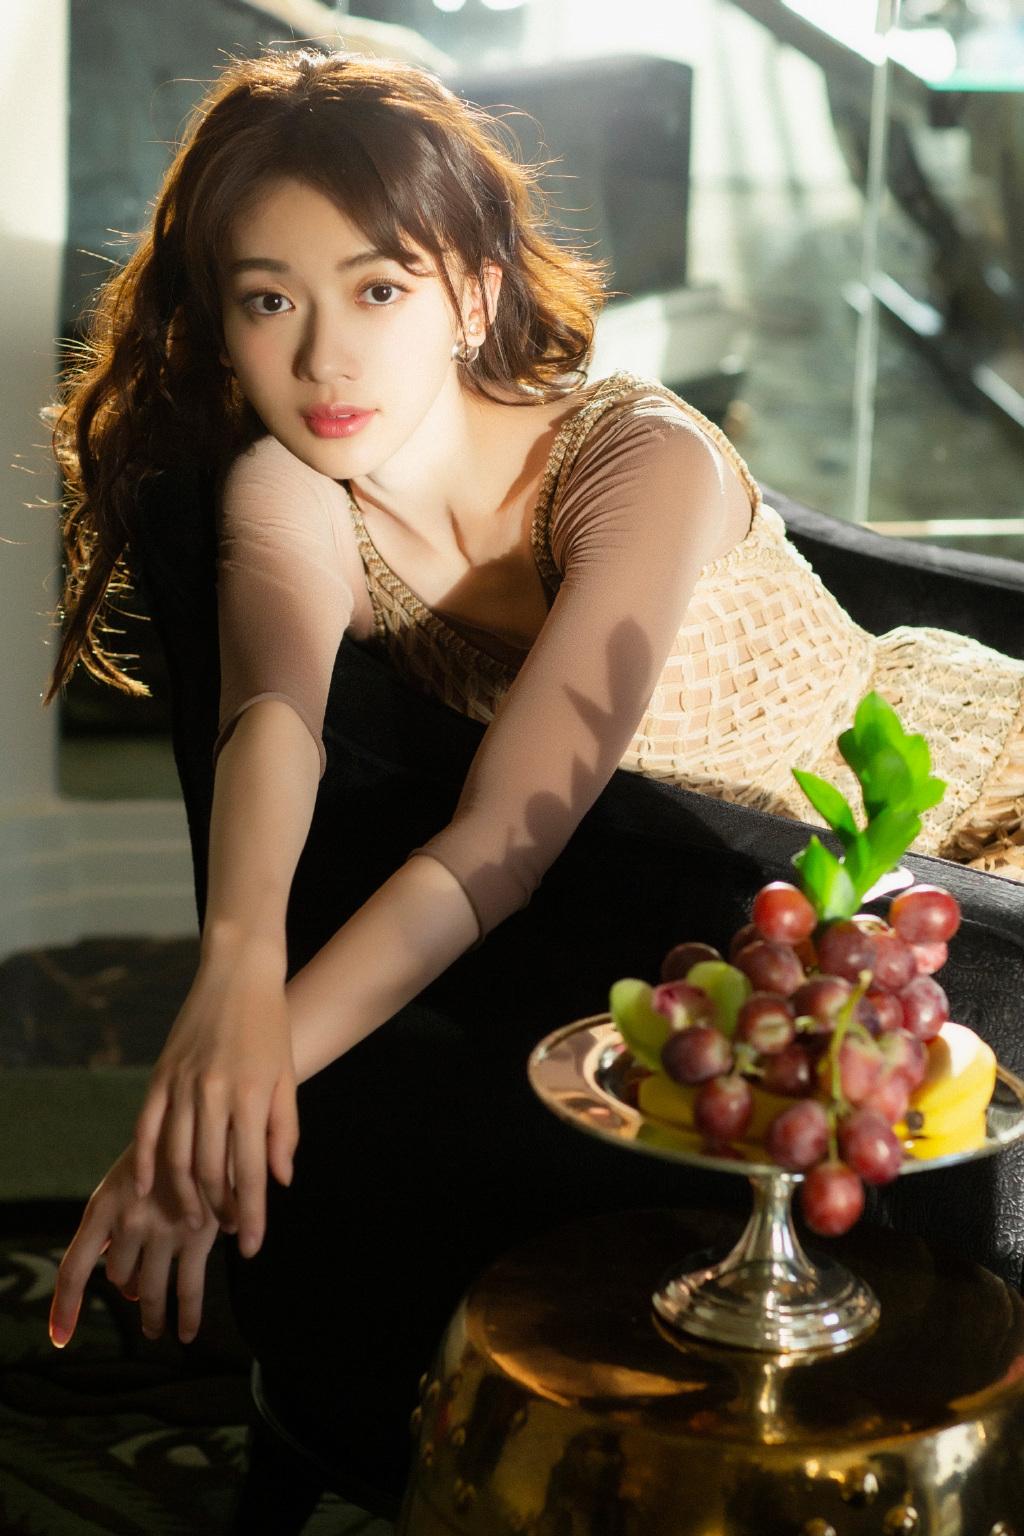 女演员吴谨言复古摩登性感写真 娱乐头条 第9张